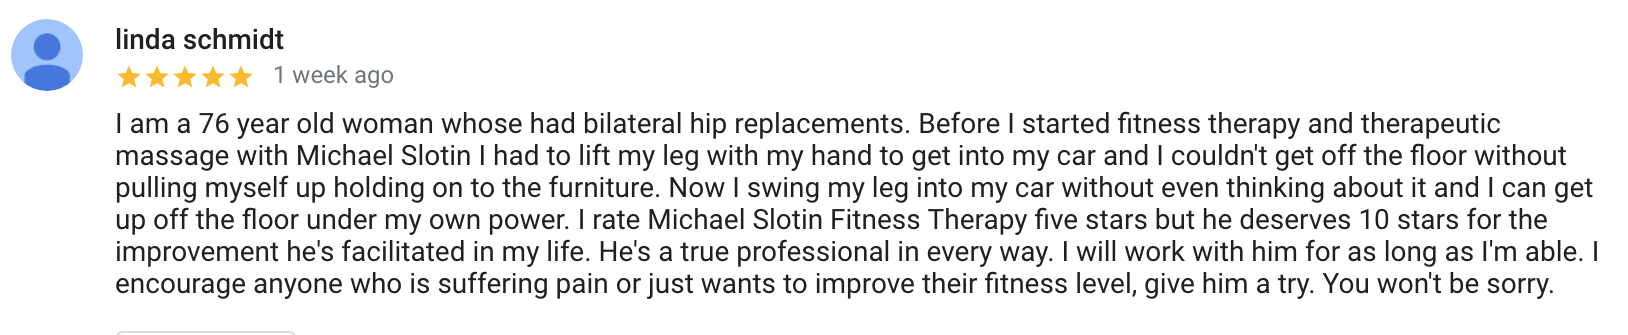 Linda's review.png